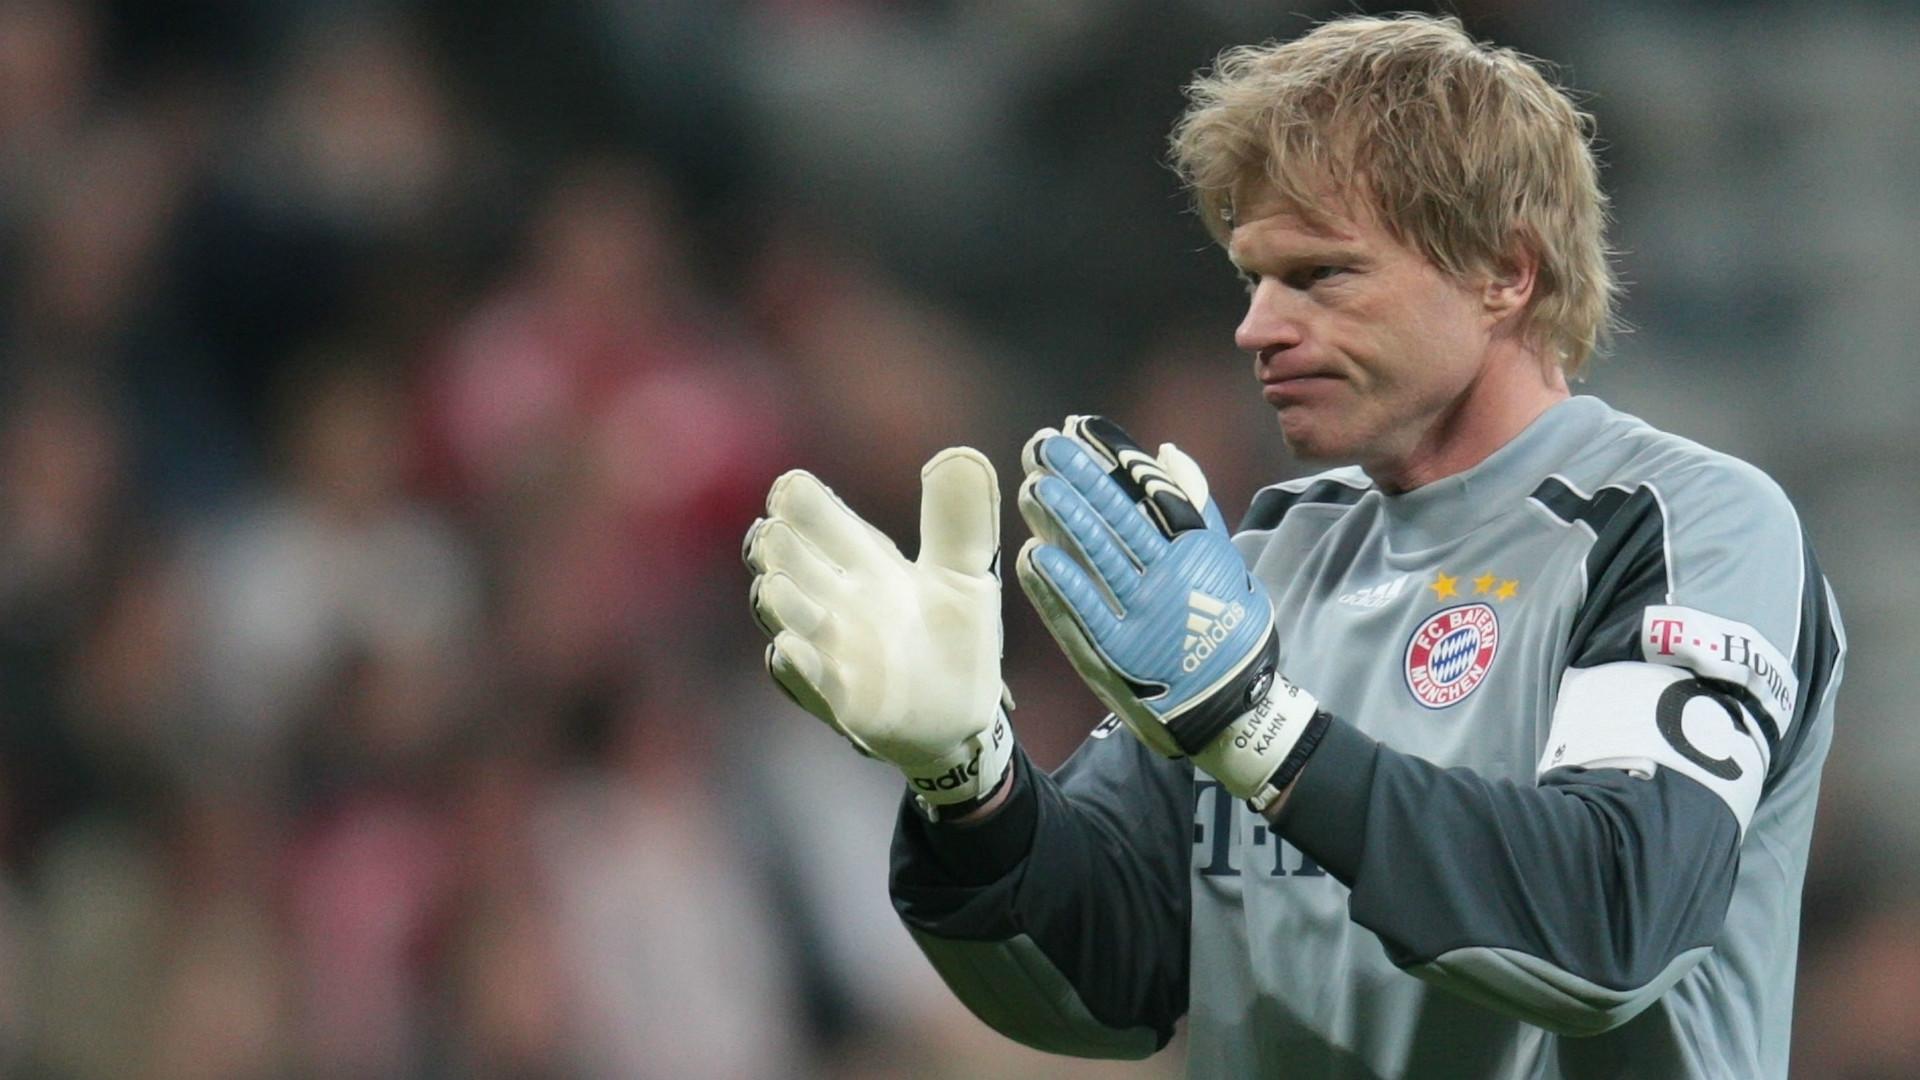 El exportero alemán regresará al equipo bávaro a principios del próximo año para relevar a su compatriota en la directiva del club